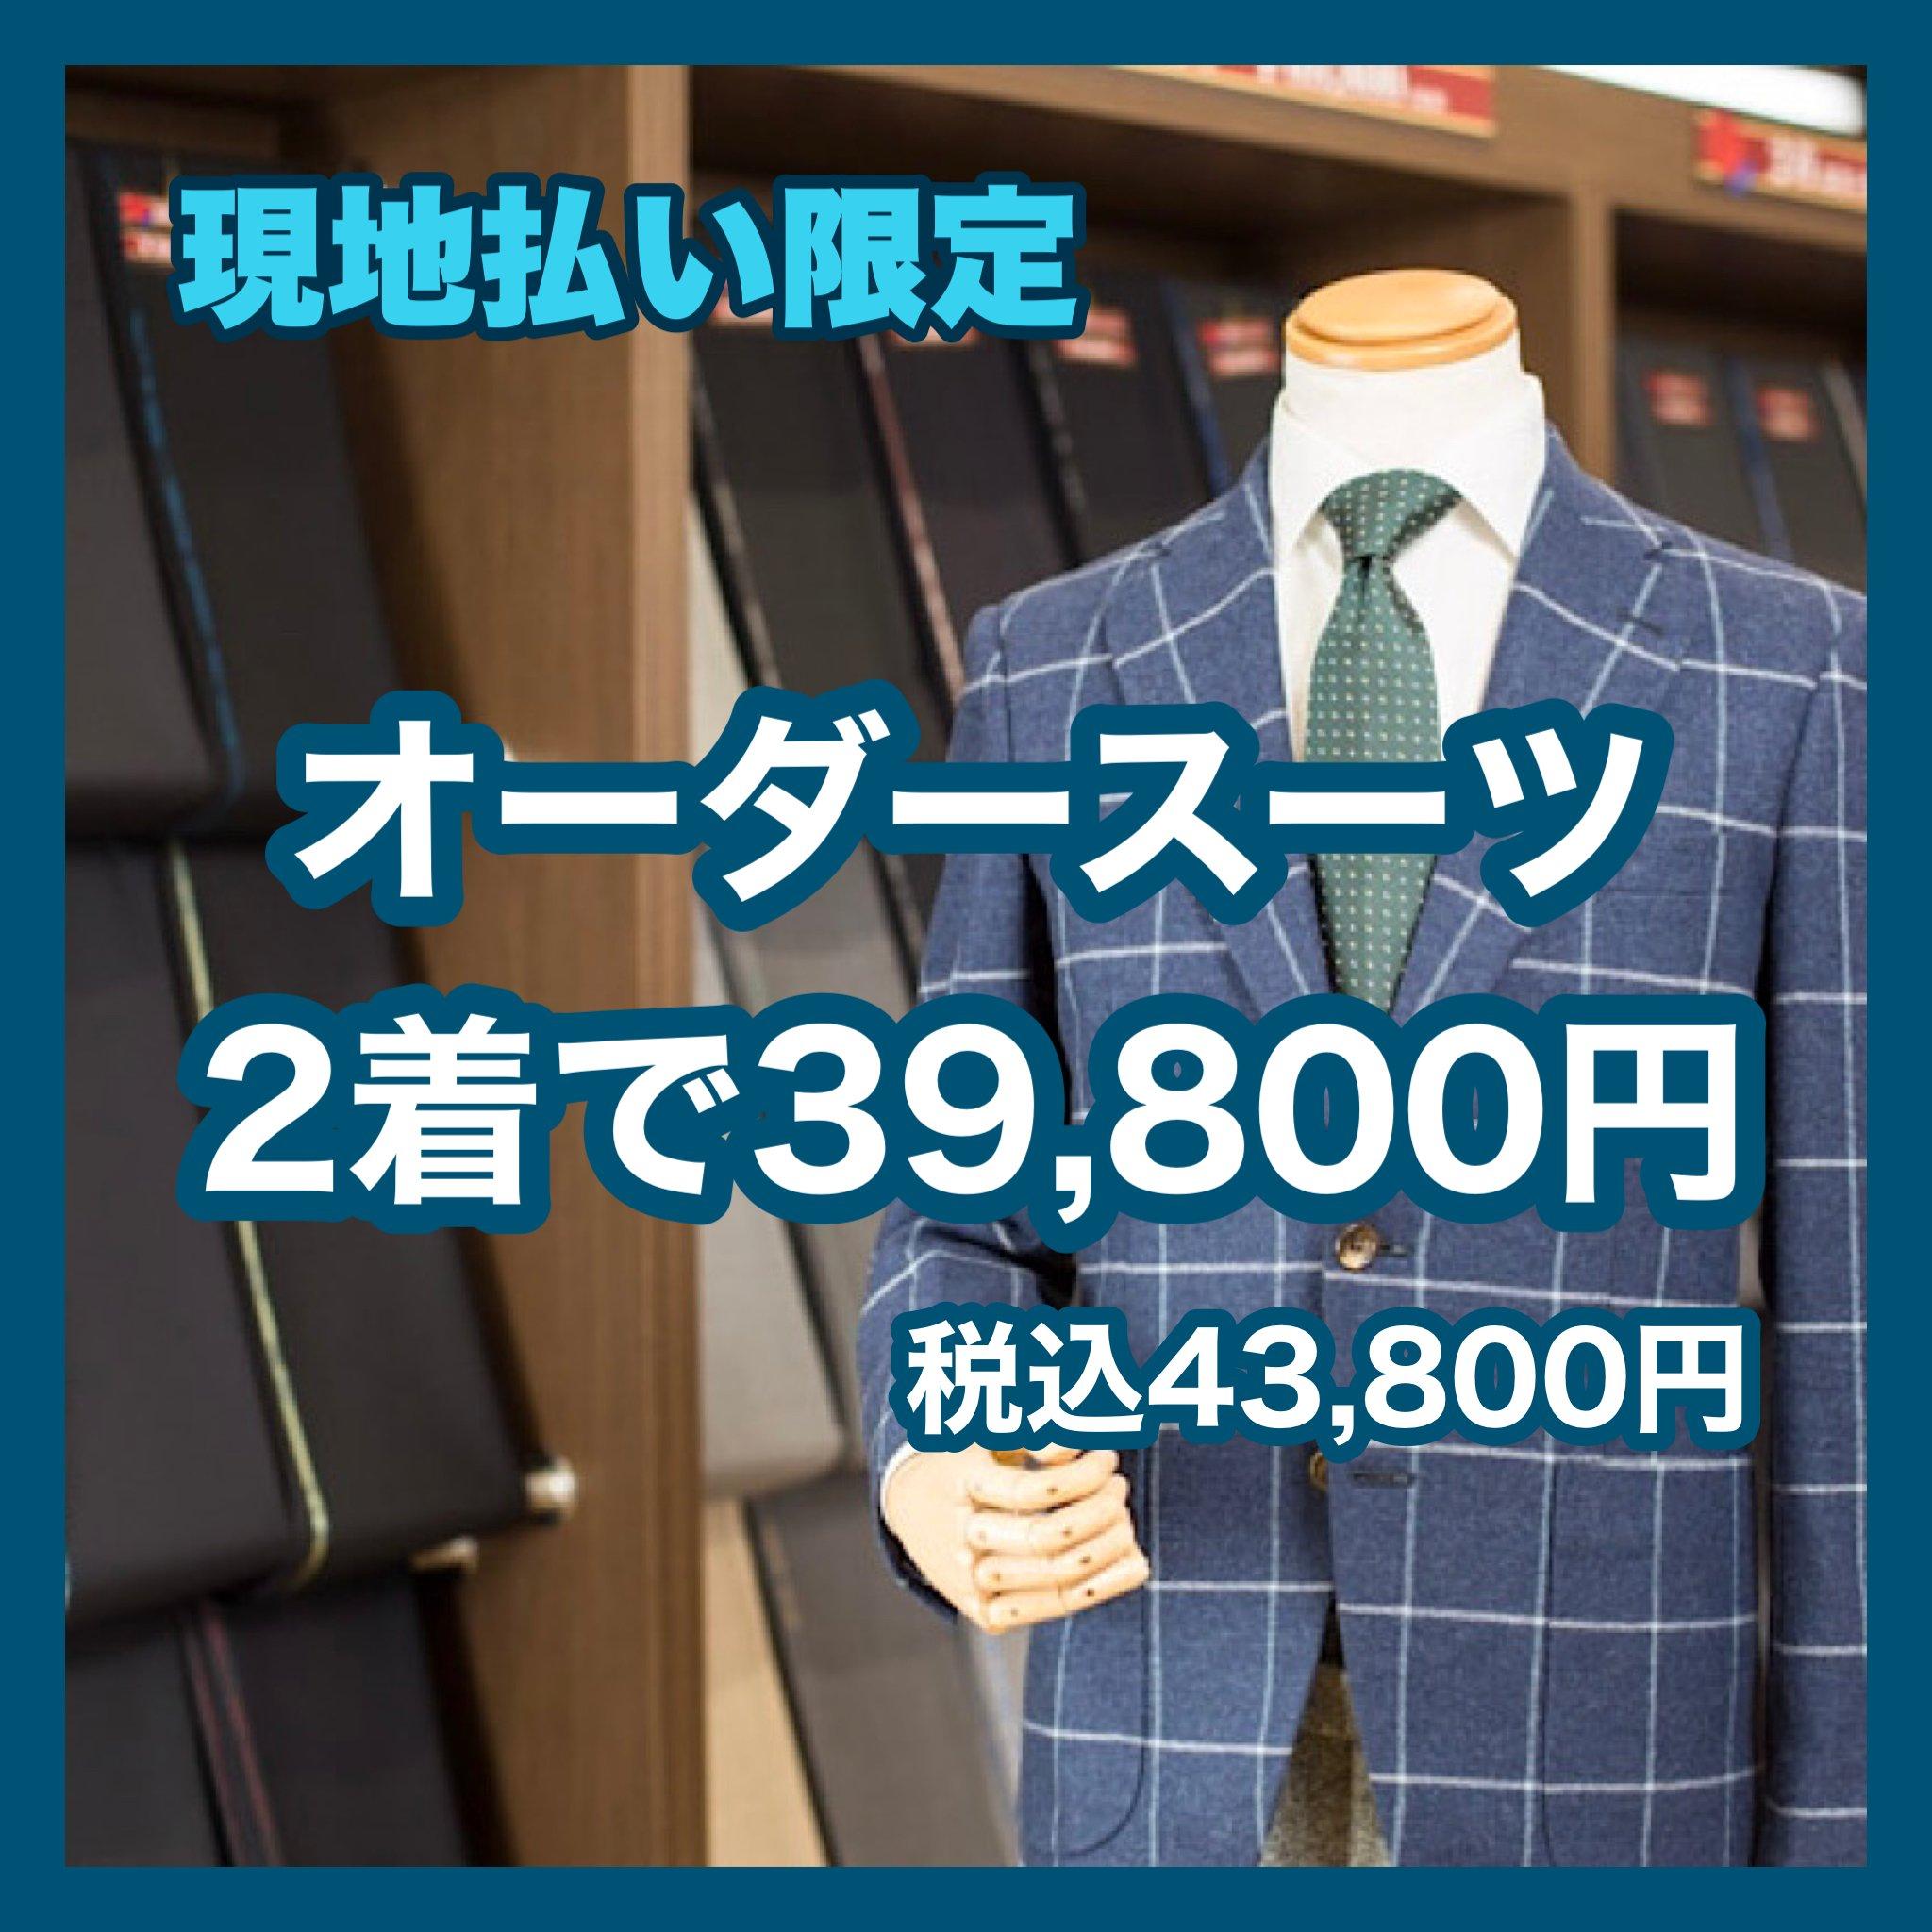 現地払い専用オーダースーツ2着39,800円(税込43,780円)のイメージその1